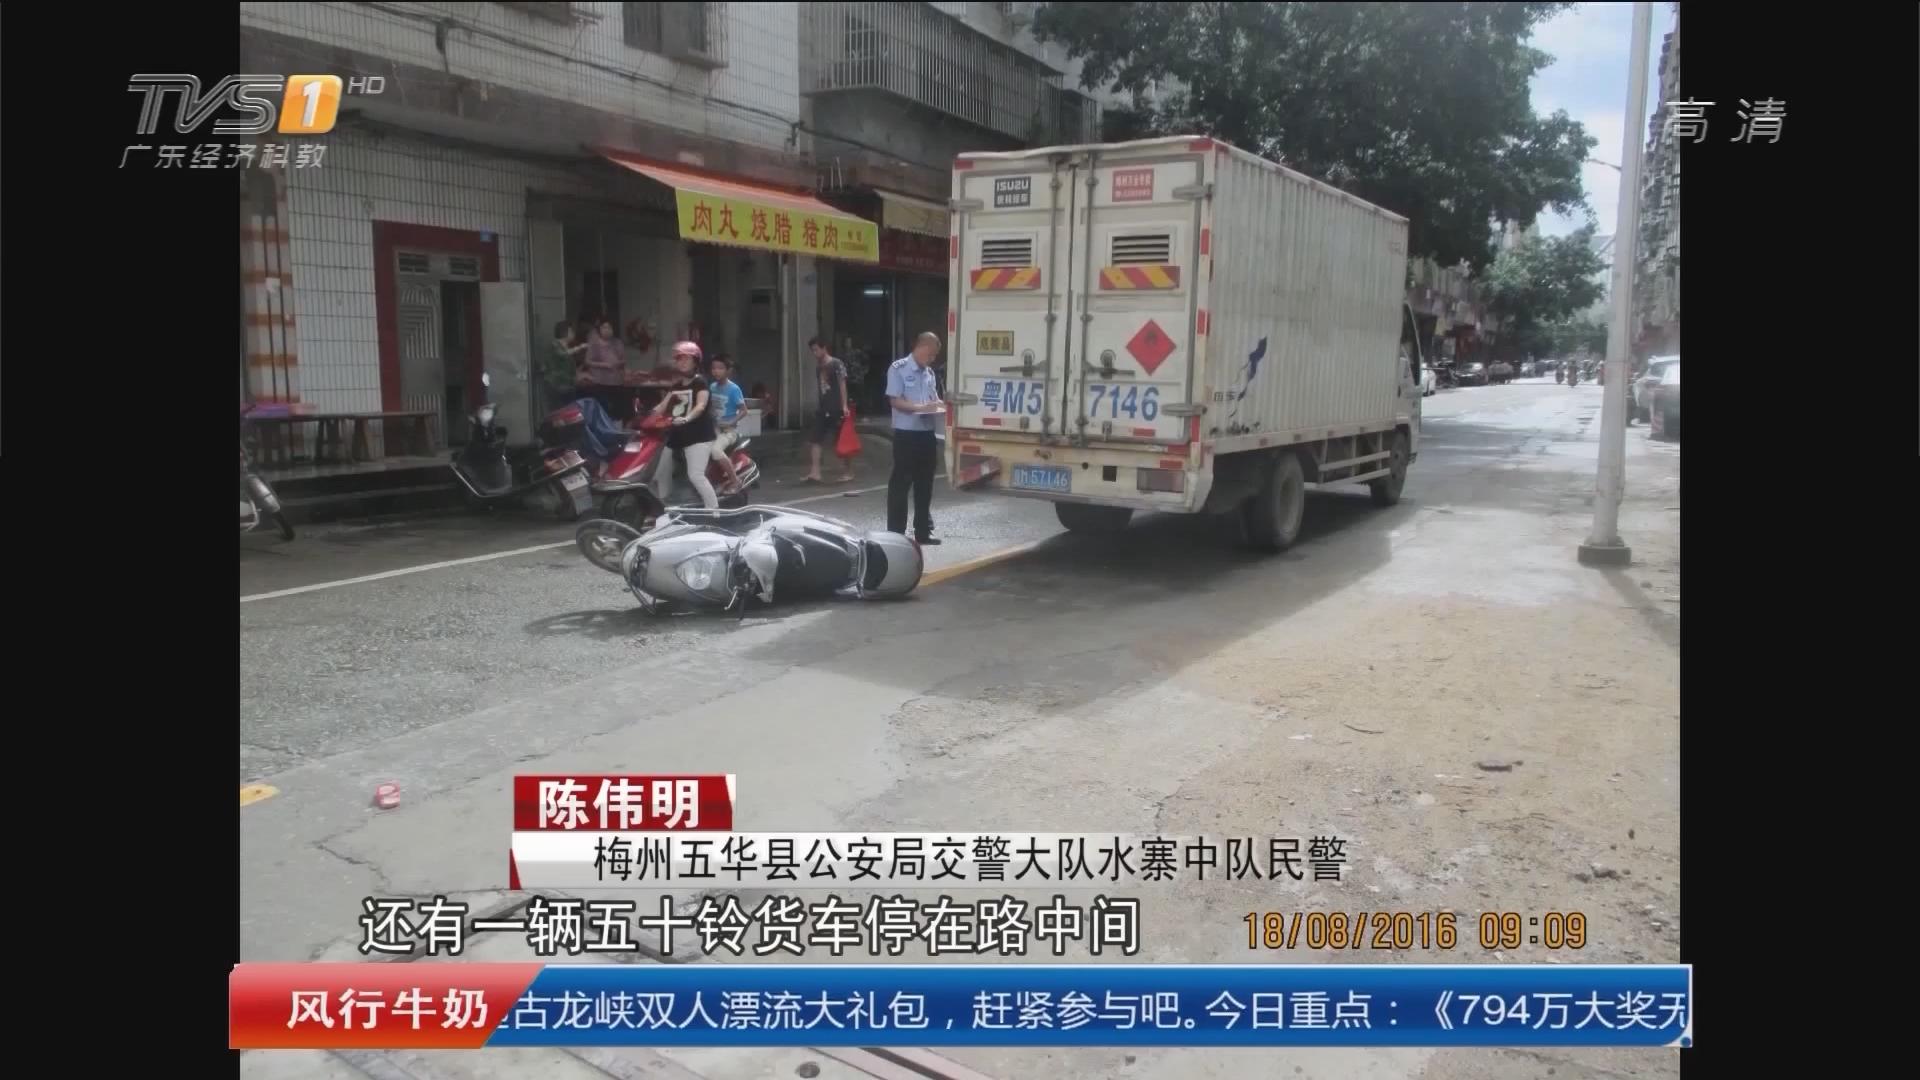 梅州五华:惊! 5岁男童驾摩托猛撞大货车